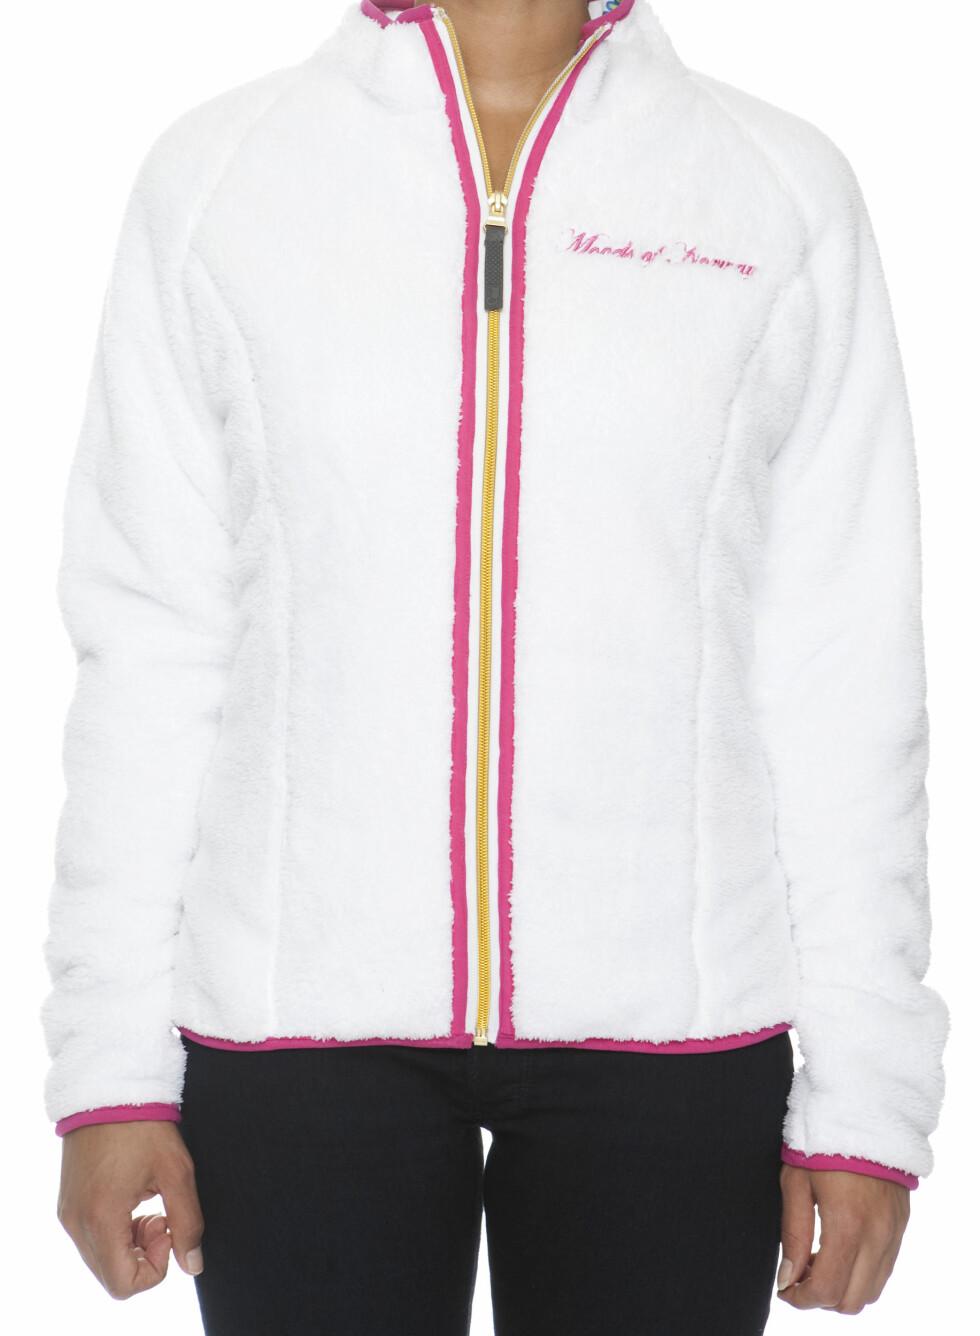 Behagelig fleece-genser med glidelås - 999 kroner.  Foto: Produsenten